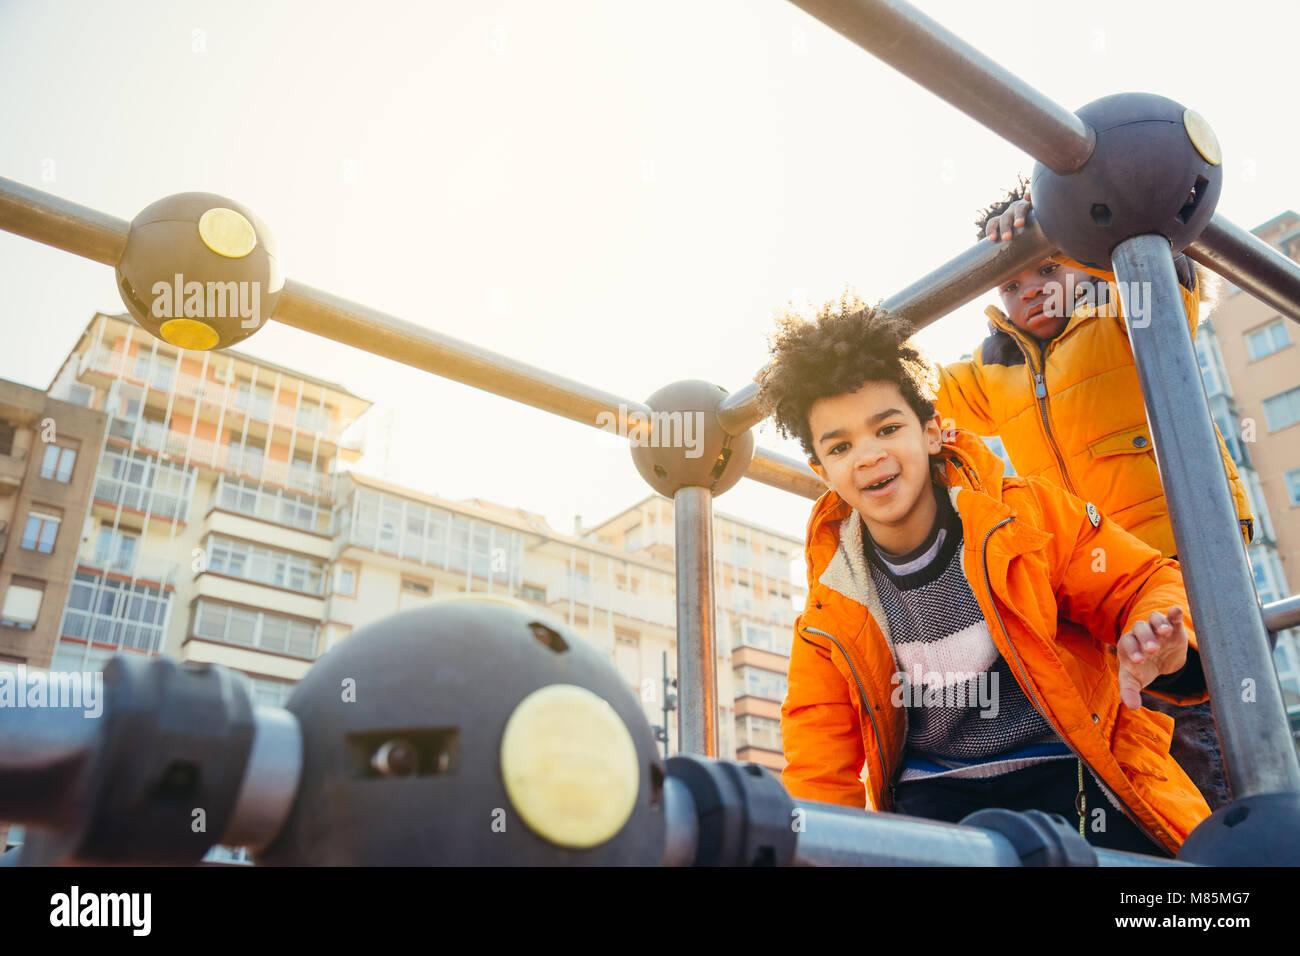 Escalade enfants heureux dans une aire urbaine de construction, d'une journée ensoleillée Photo Stock